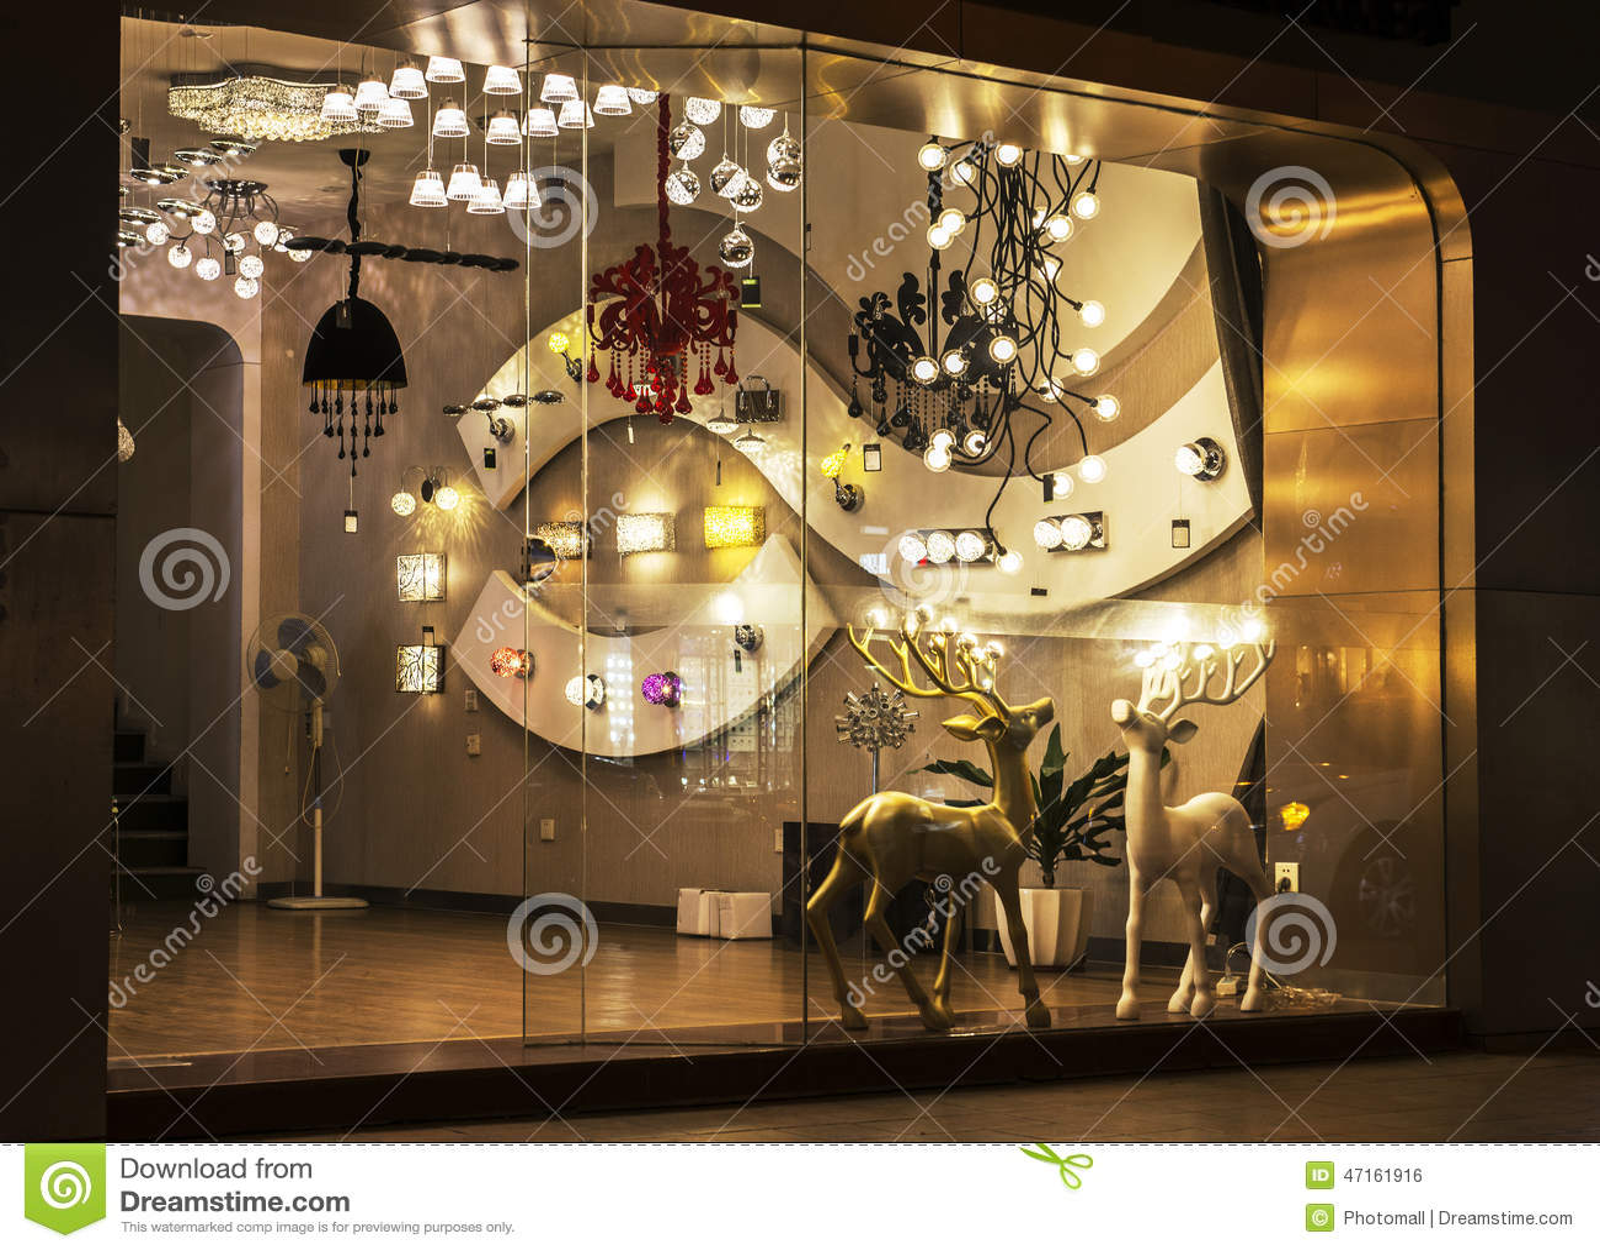 Современная хрустальная люстра СИД привела лампу стены, освещение потолка, коммерчески освещение хозяйственных товаров освещения